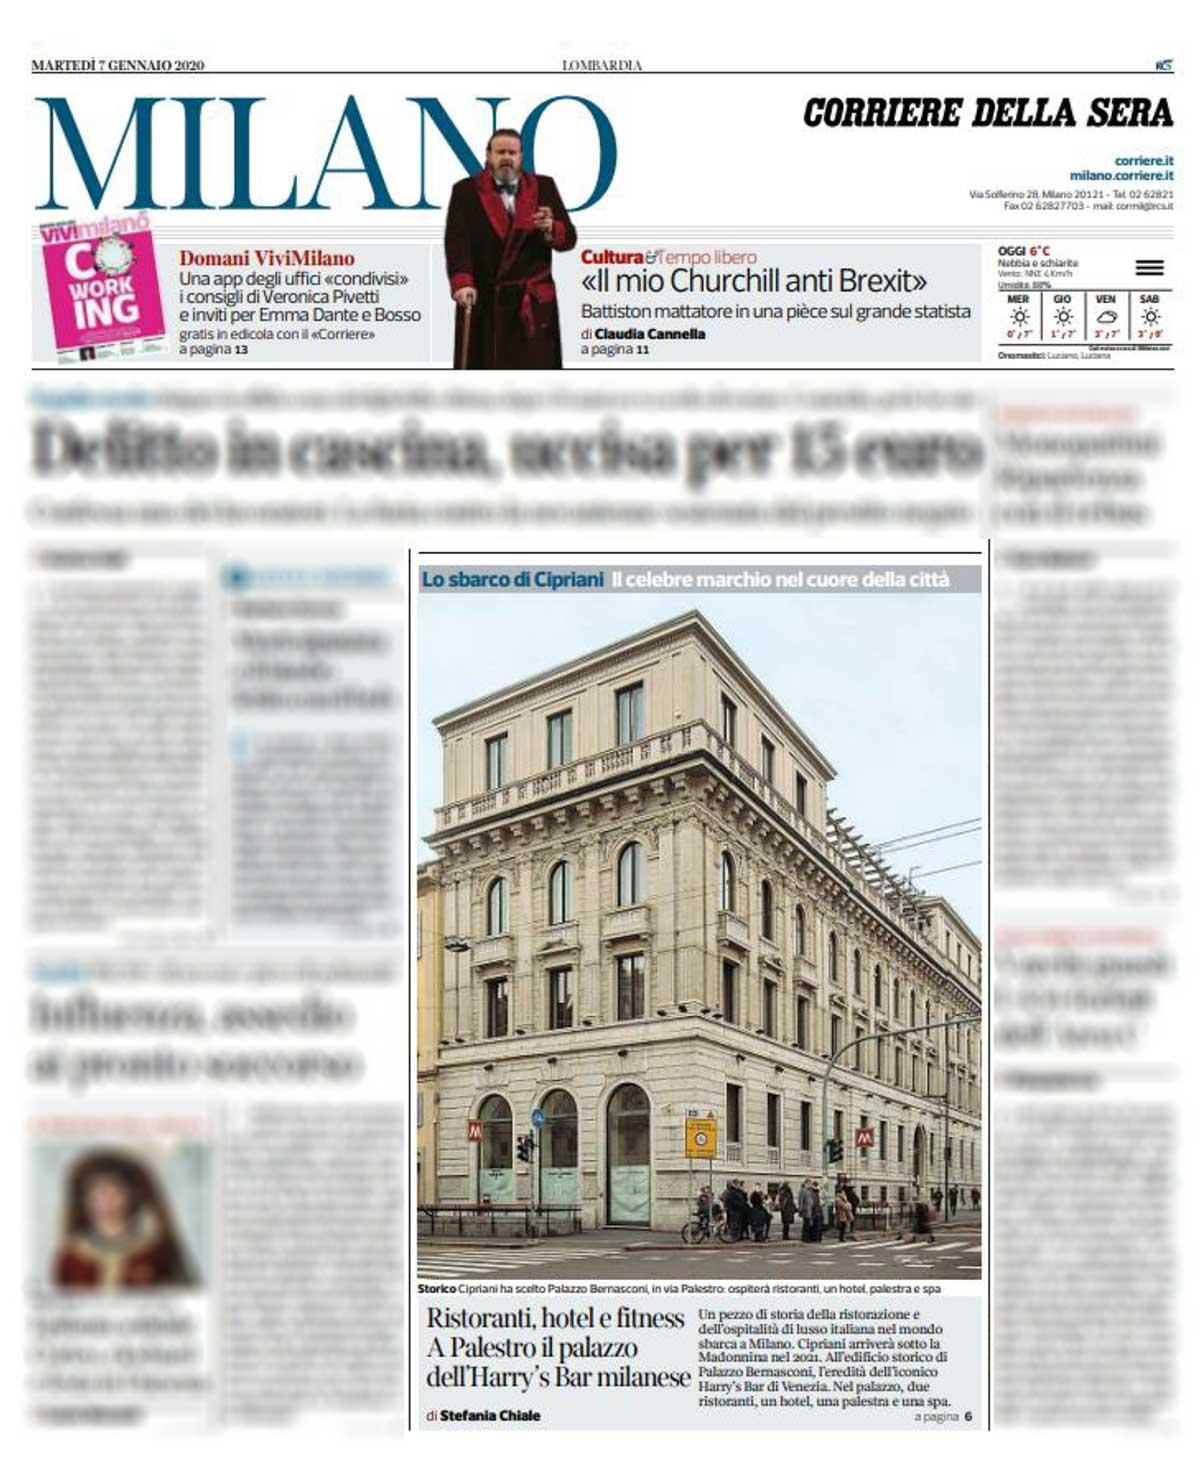 Corriere-della-Sera-Cipriani-Merope-1